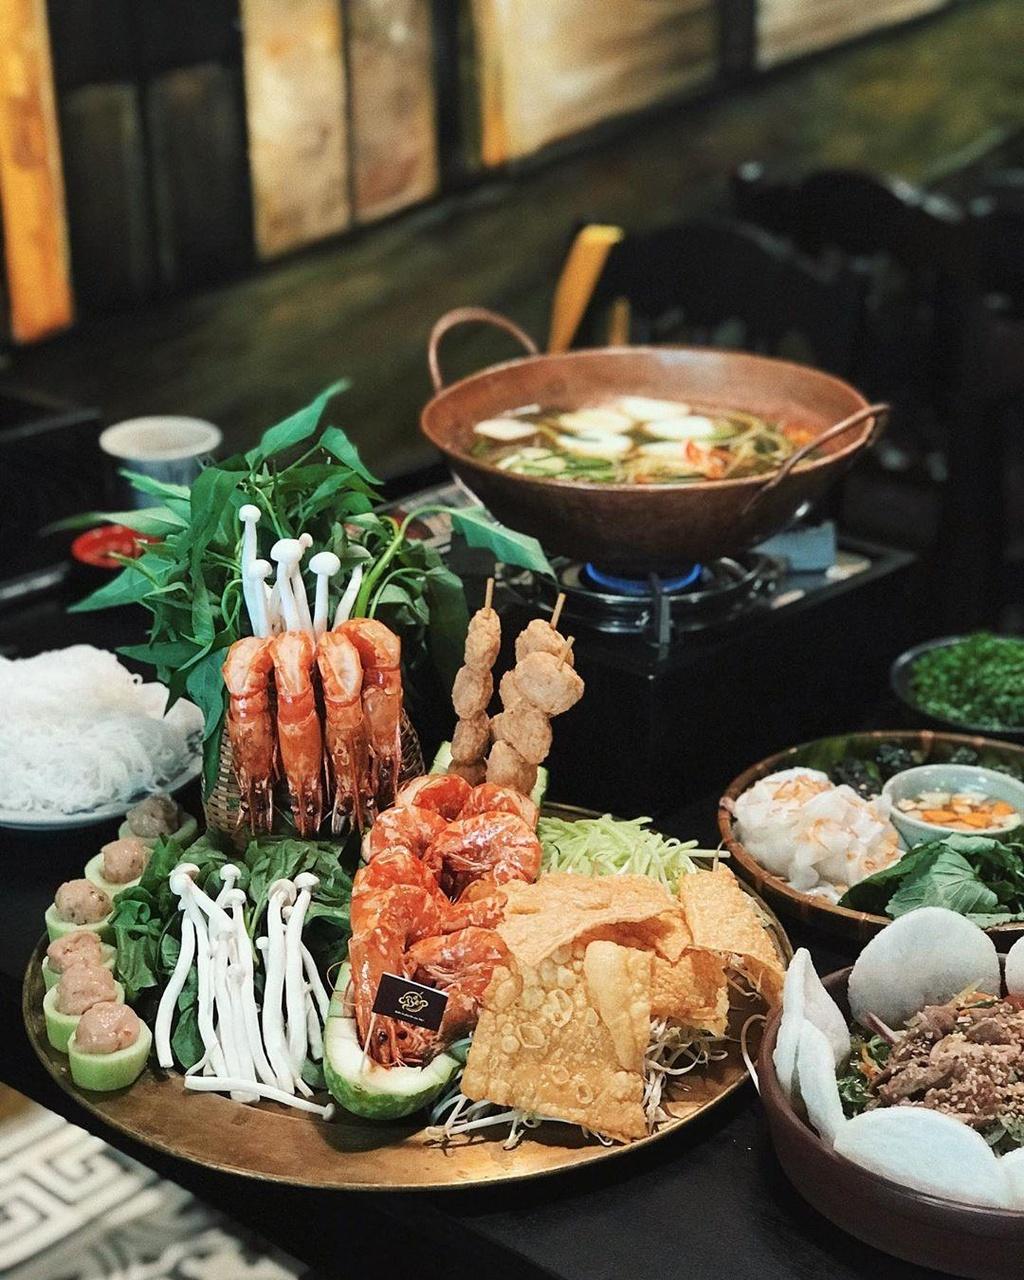 Lap keo 'sang chanh' dip 2/9 tai nhung nha hang mang hon Viet hinh anh 11